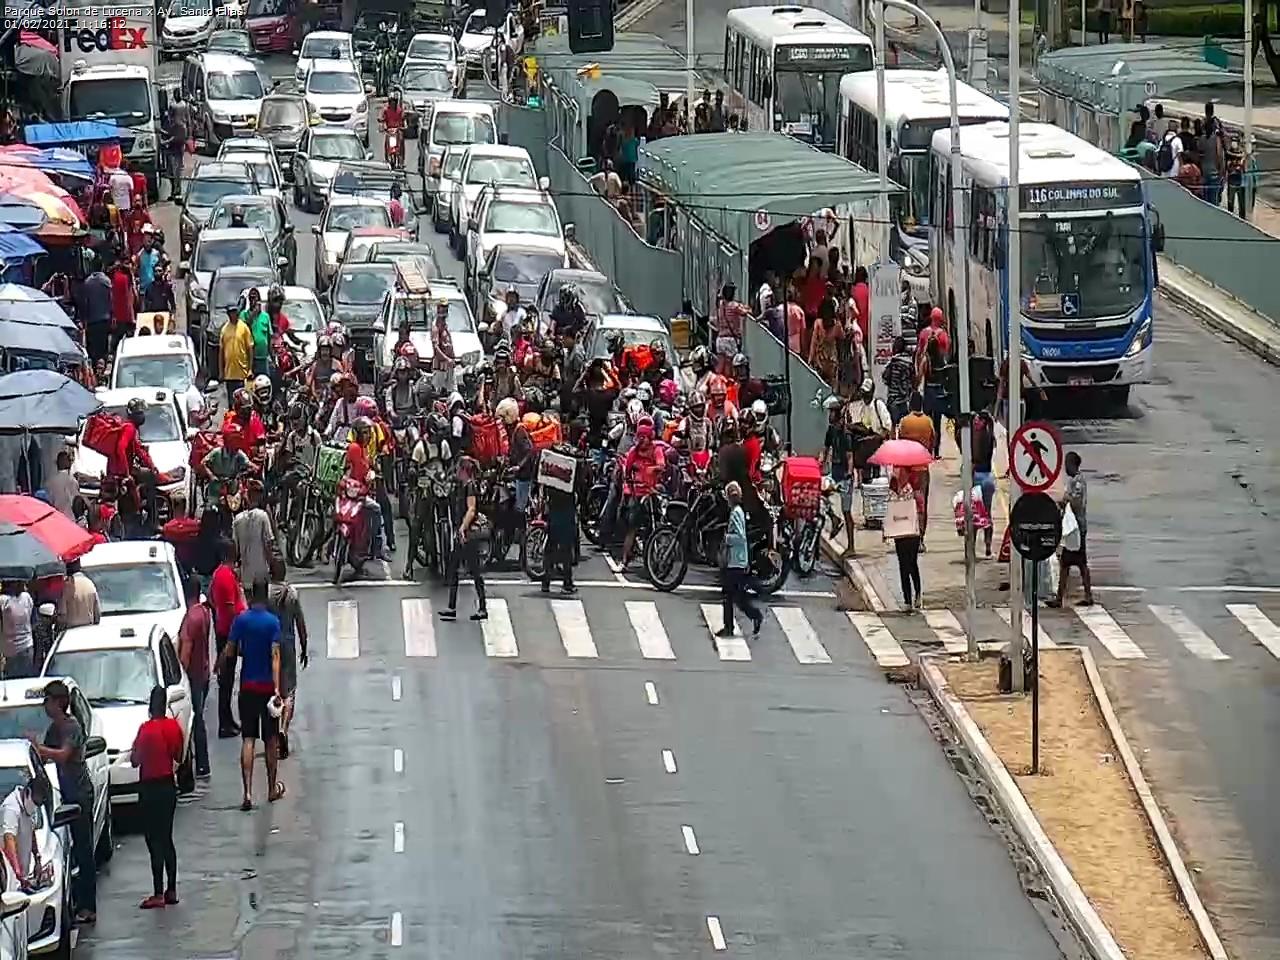 WhatsApp Image 2021 02 01 at 11.27.57 - Motoboys realizam protesto no Centro de João Pessoa; motoristas por aplicativo também param as atividades - VEJA IMAGENS